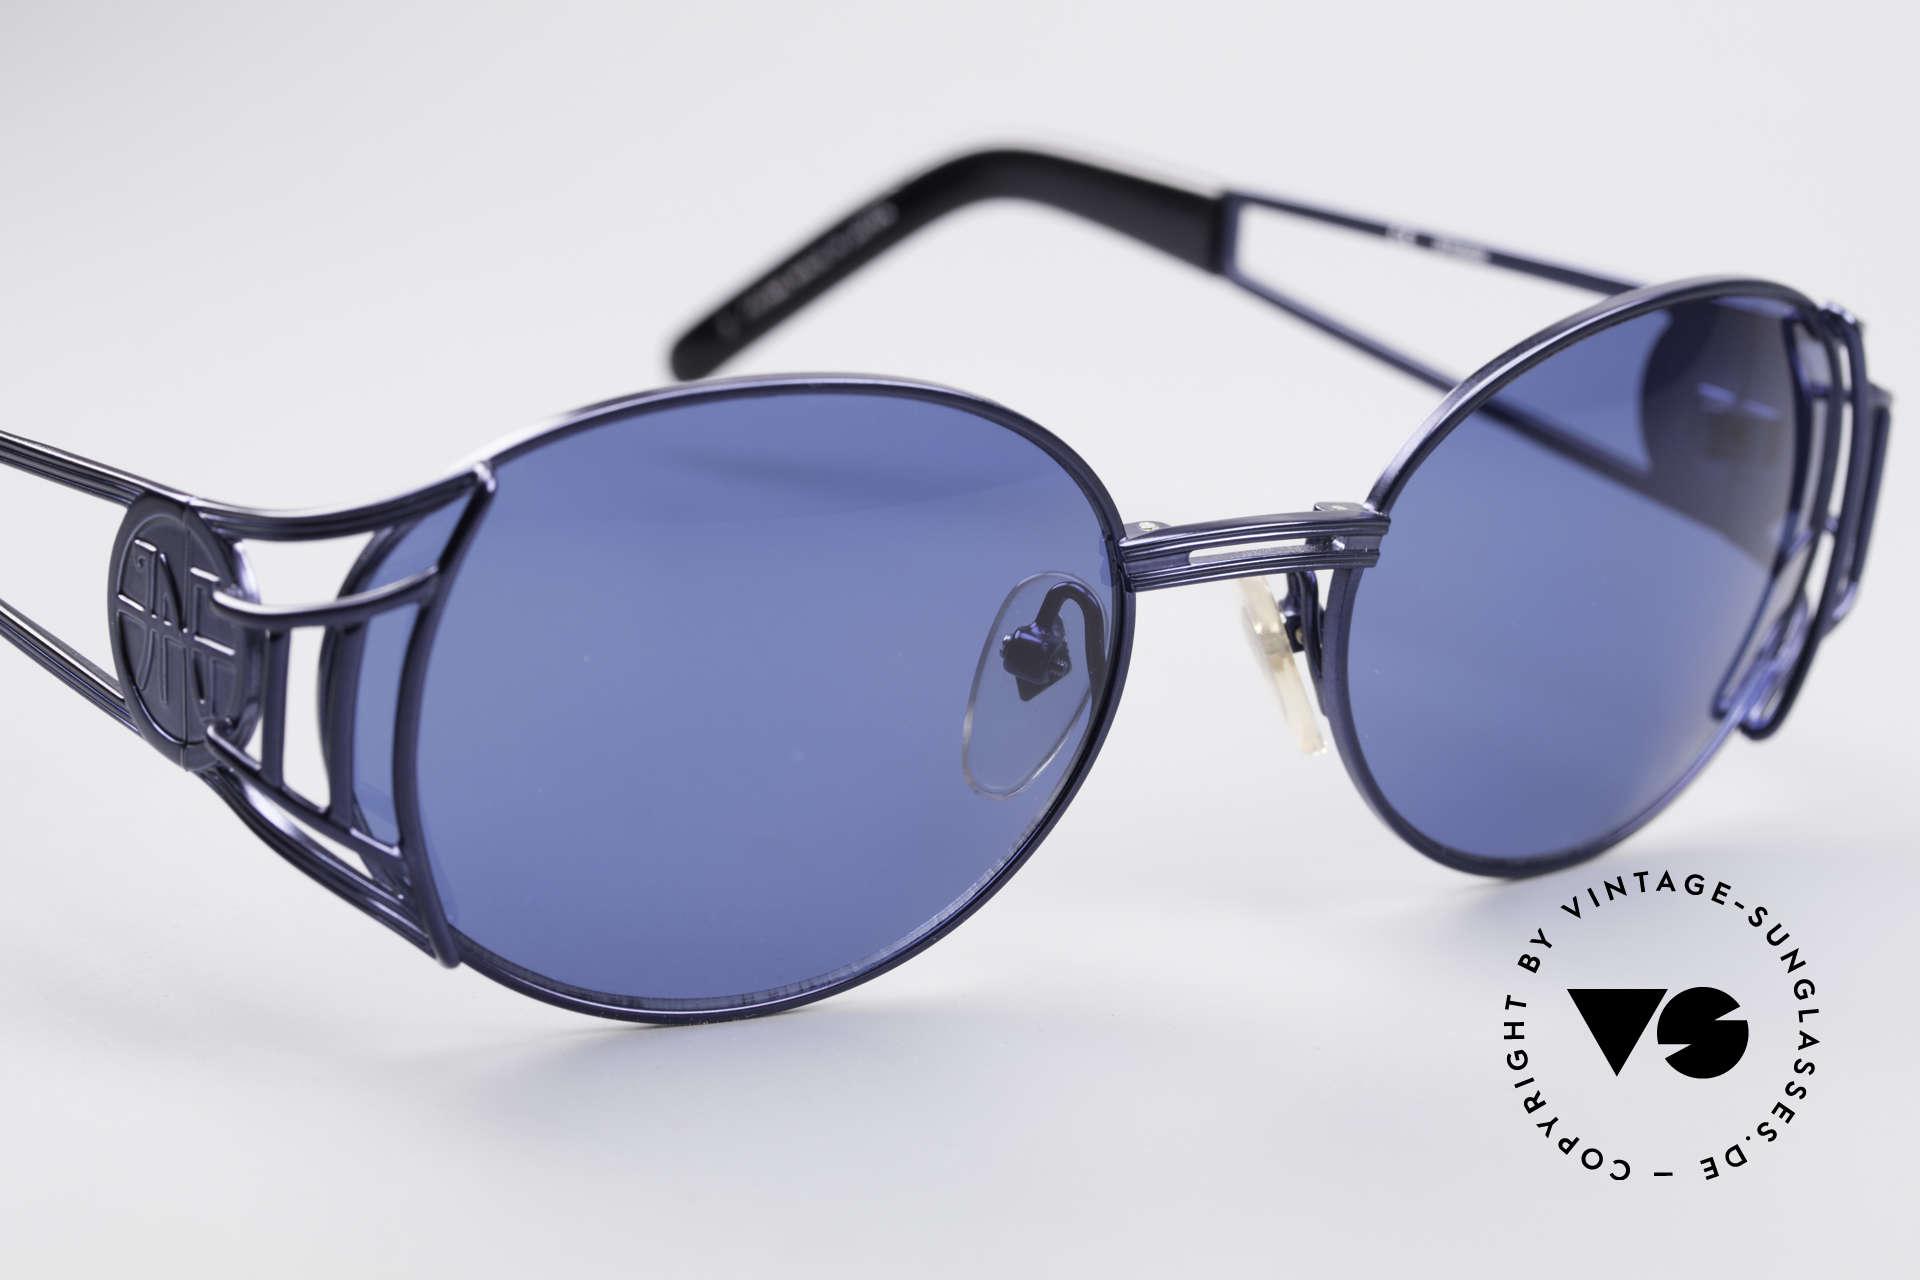 Jean Paul Gaultier 58-6102 Vintage Steampunk Brille, ungetragen (wie alle unsere Gaultier Sonnenbrillen), Passend für Herren und Damen